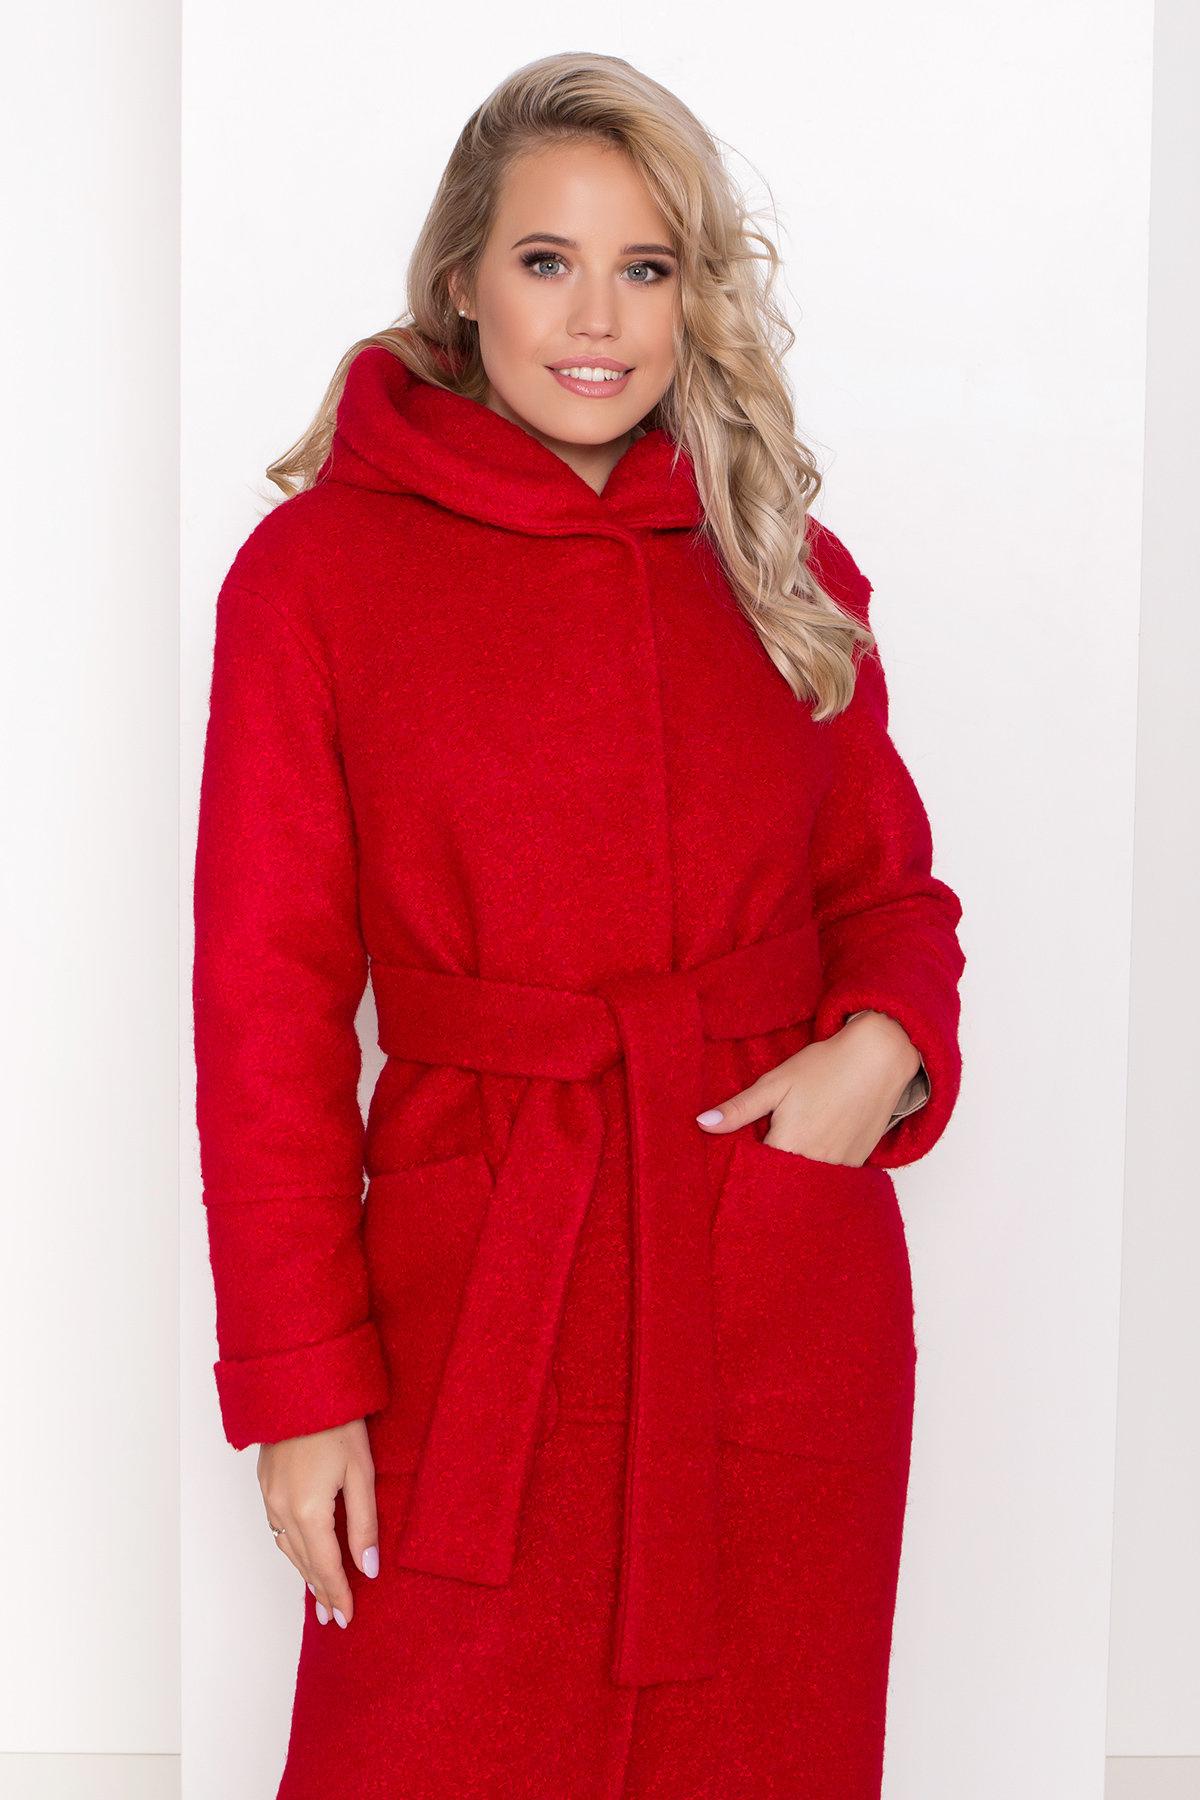 Пальто зима шерсть букле Анита классик 8320 АРТ. 44441 Цвет: Красный 1 - фото 5, интернет магазин tm-modus.ru